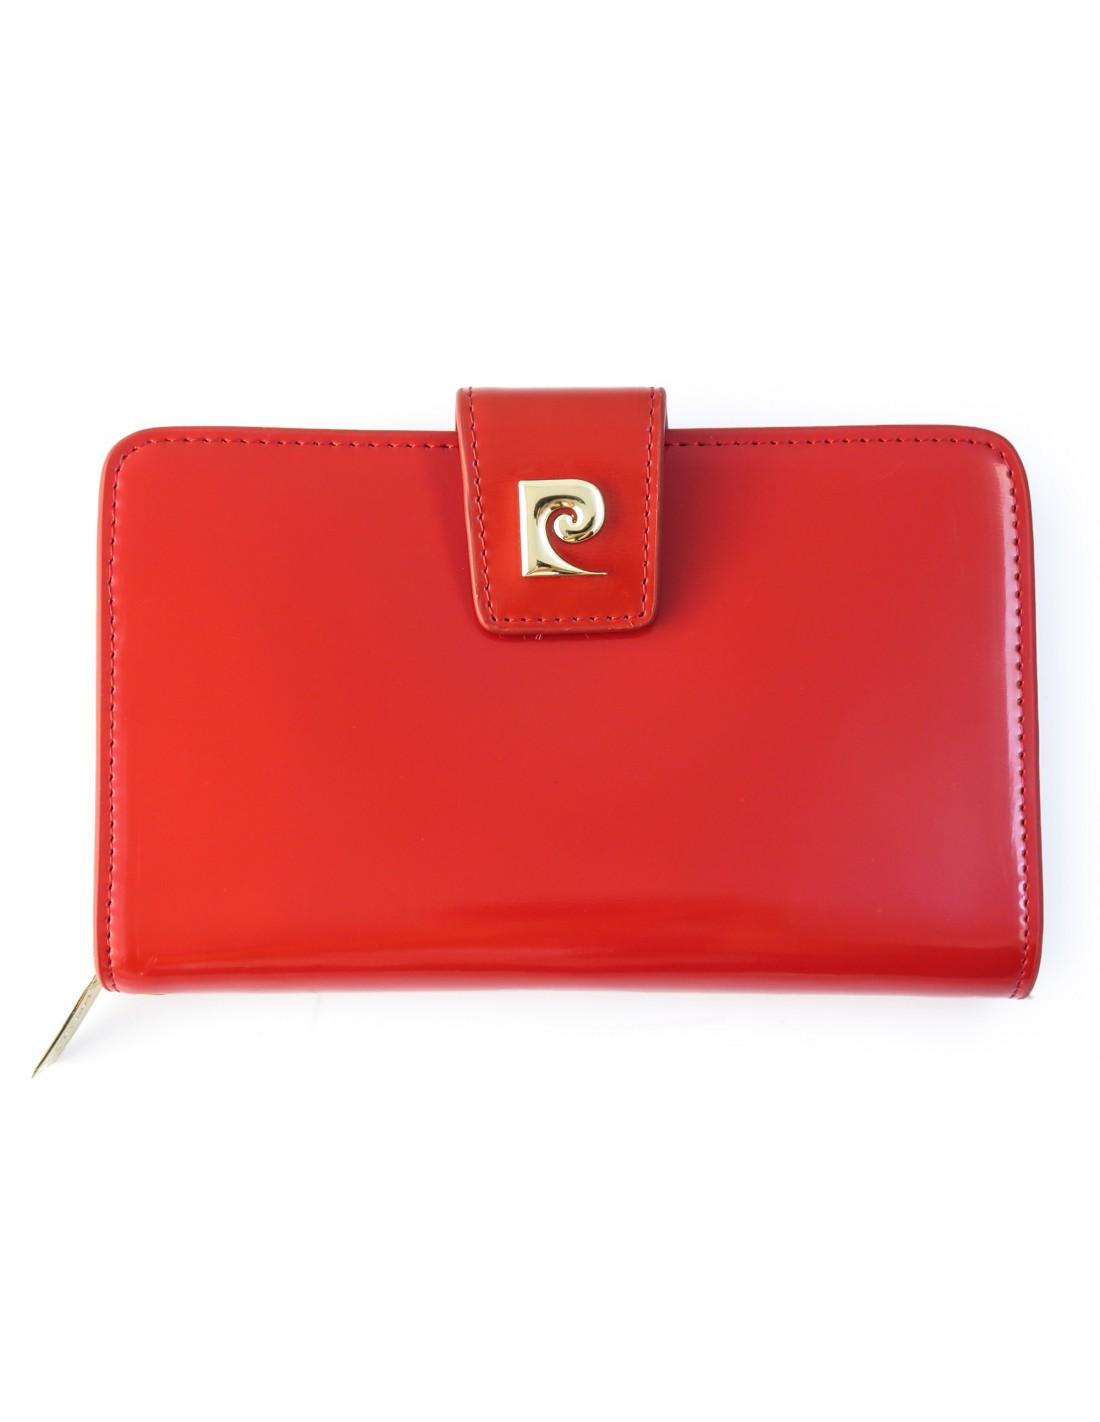 454510799d828 Skórzany portfel damski Pierre Cardin PFD11